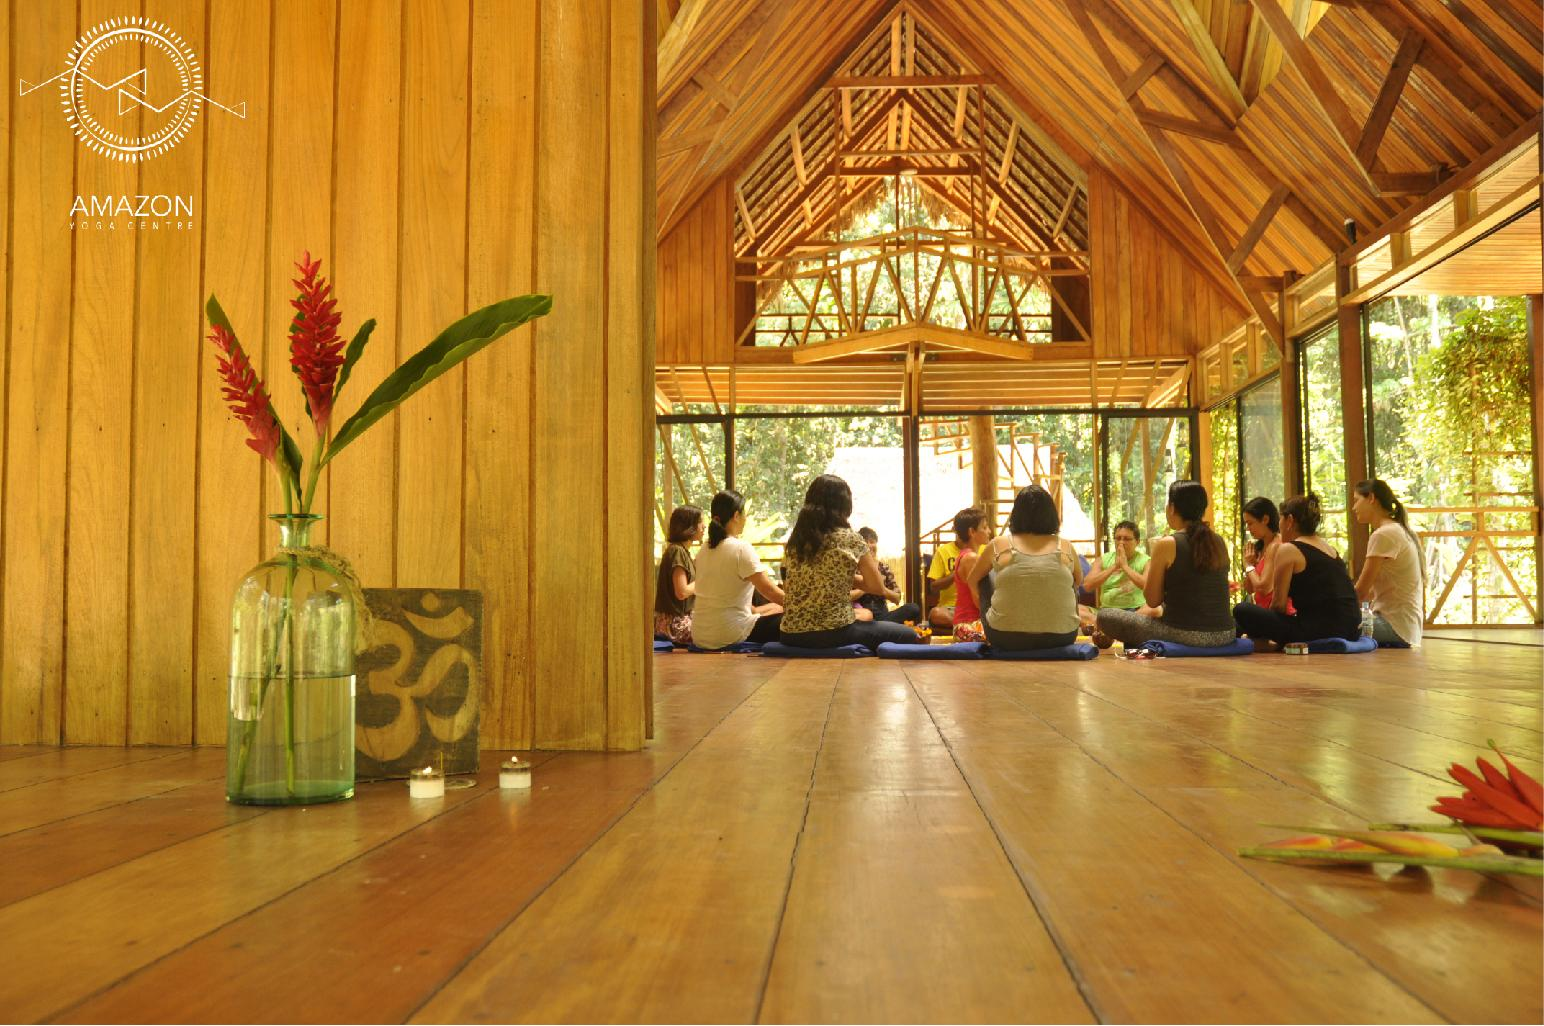 Participa y gana: ¡Estadía doble en Amazon Yoga Centre!